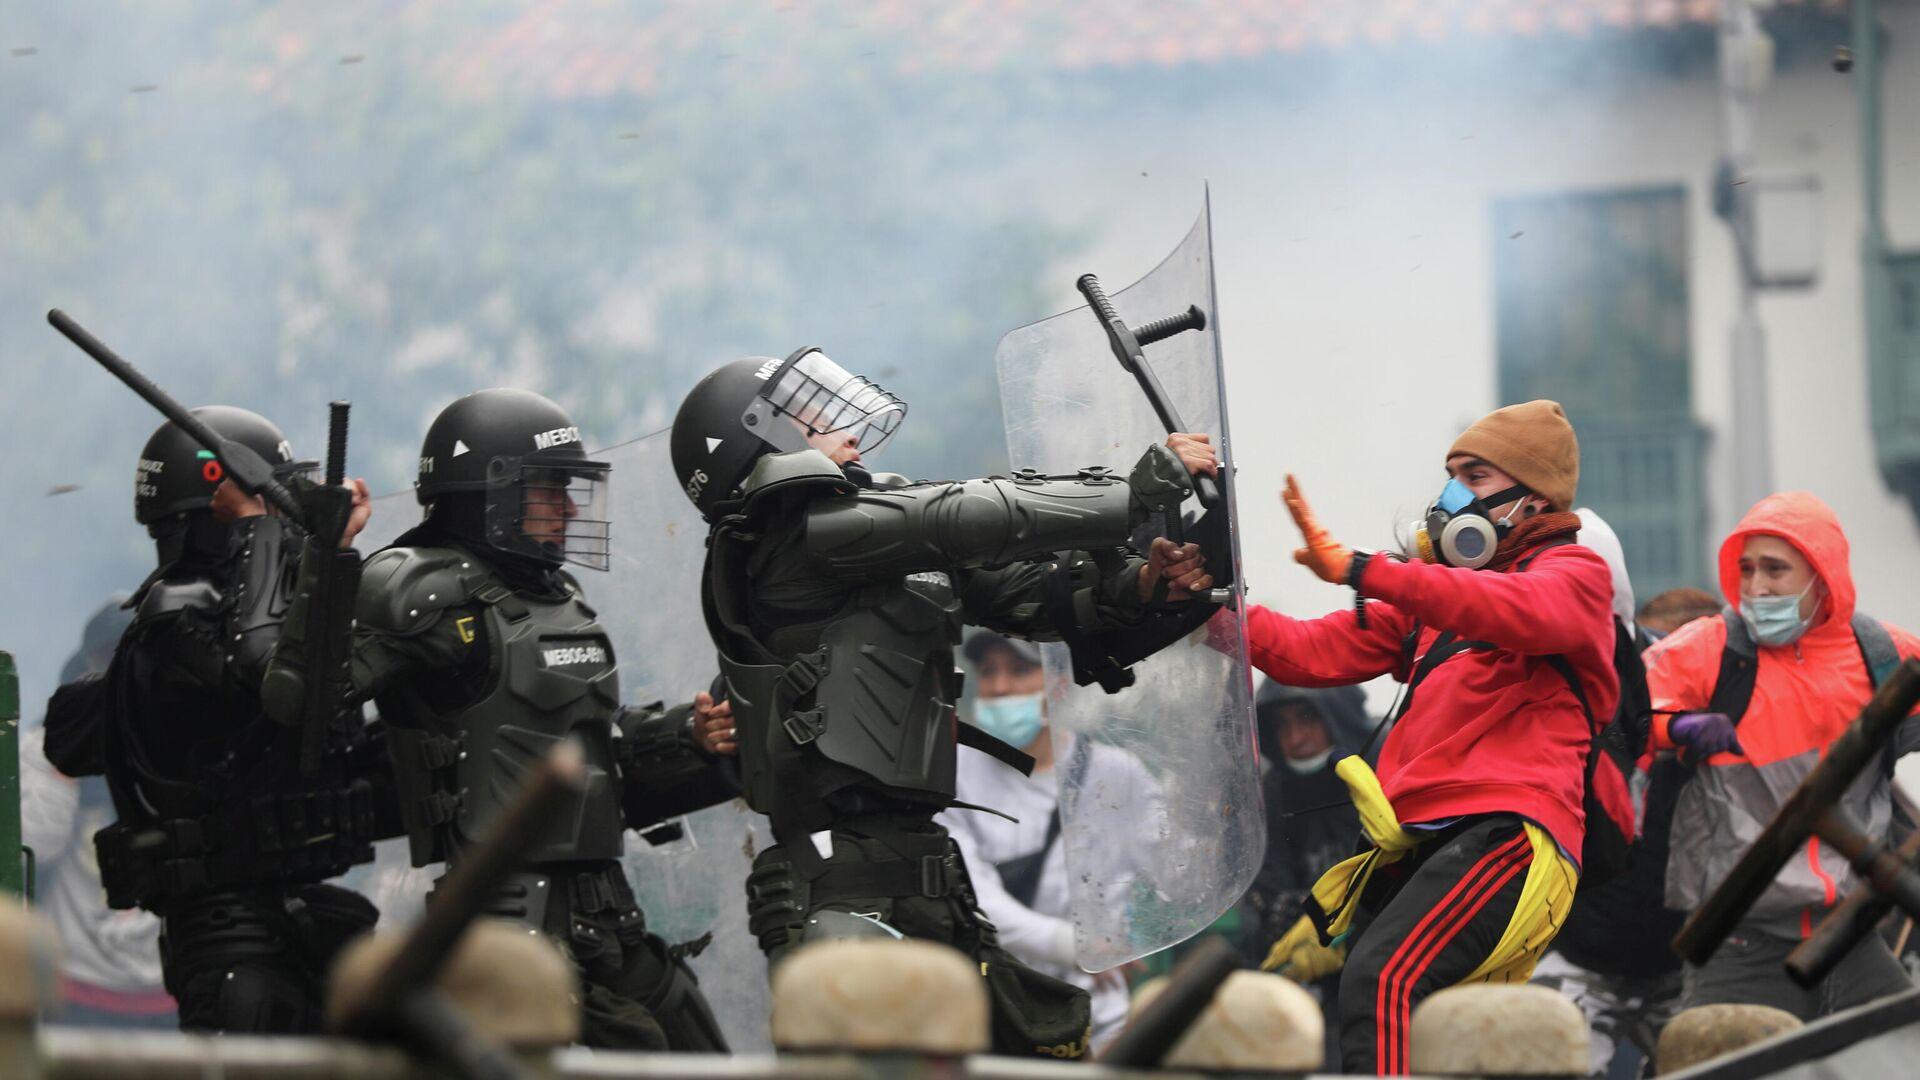 Столкновения демонстрантов с сотрудниками сил безопасности во время акции протеста против налоговой реформы правительства президента Ивана Дуке в Боготе, Колумбия. 28 апреля 2021 года - РИА Новости, 1920, 29.05.2021